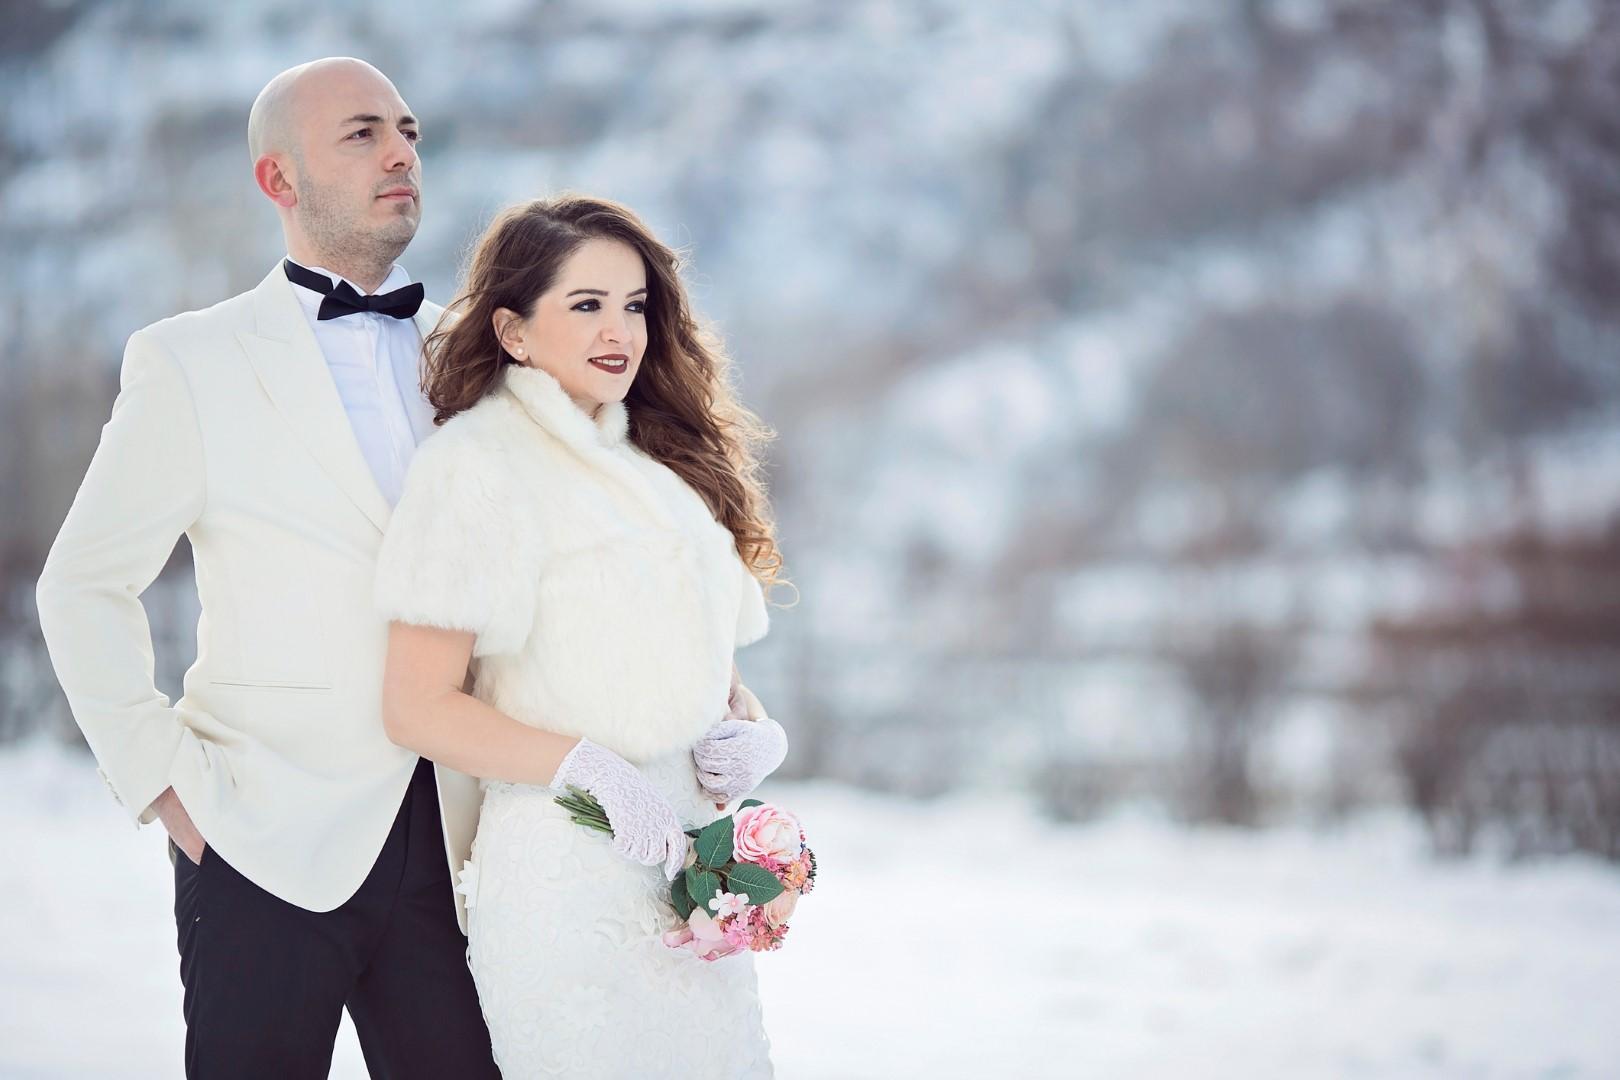 Il fascino delle nozze d inverno